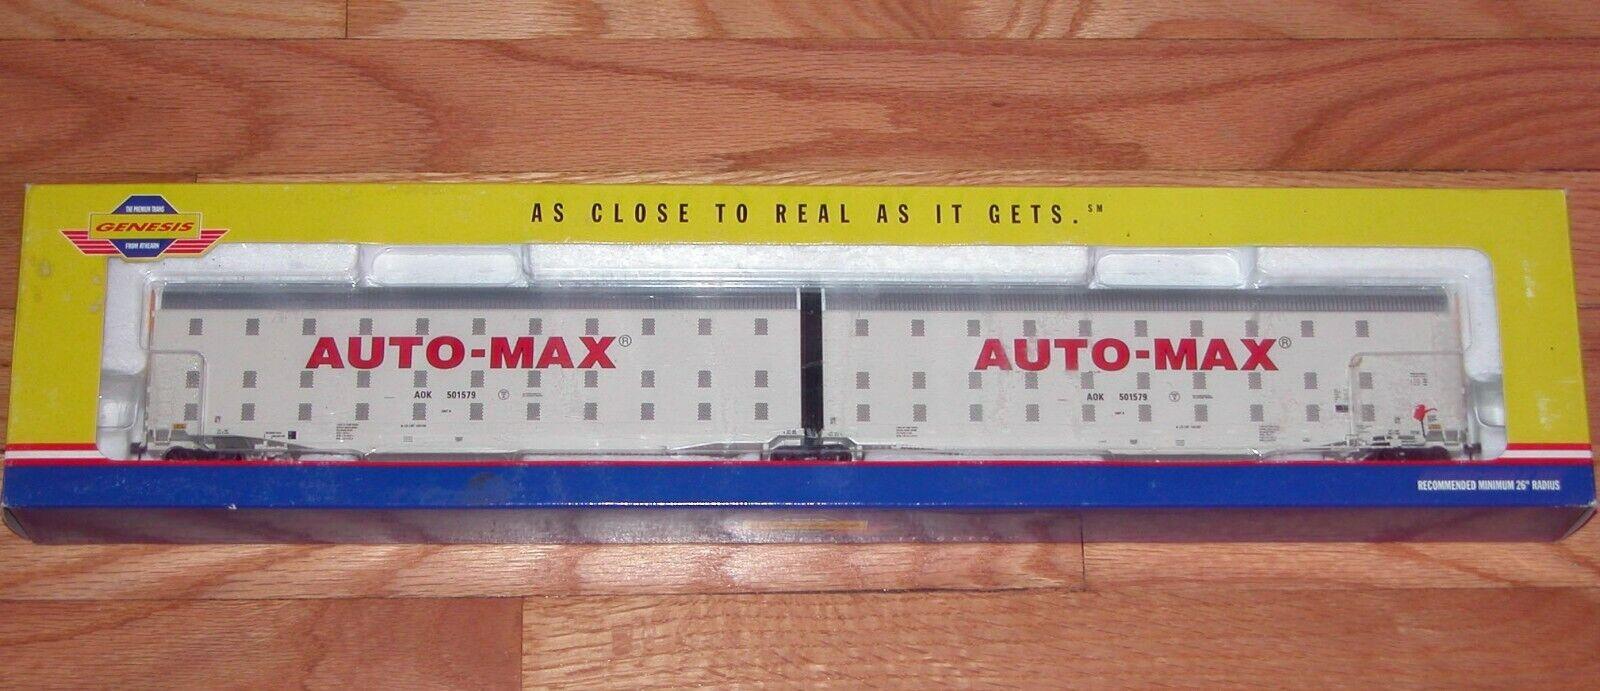 ATHEARN GENESIS G4402 AUTO MAX ARKANSAS-OKLAHOMA RR AOK 501579